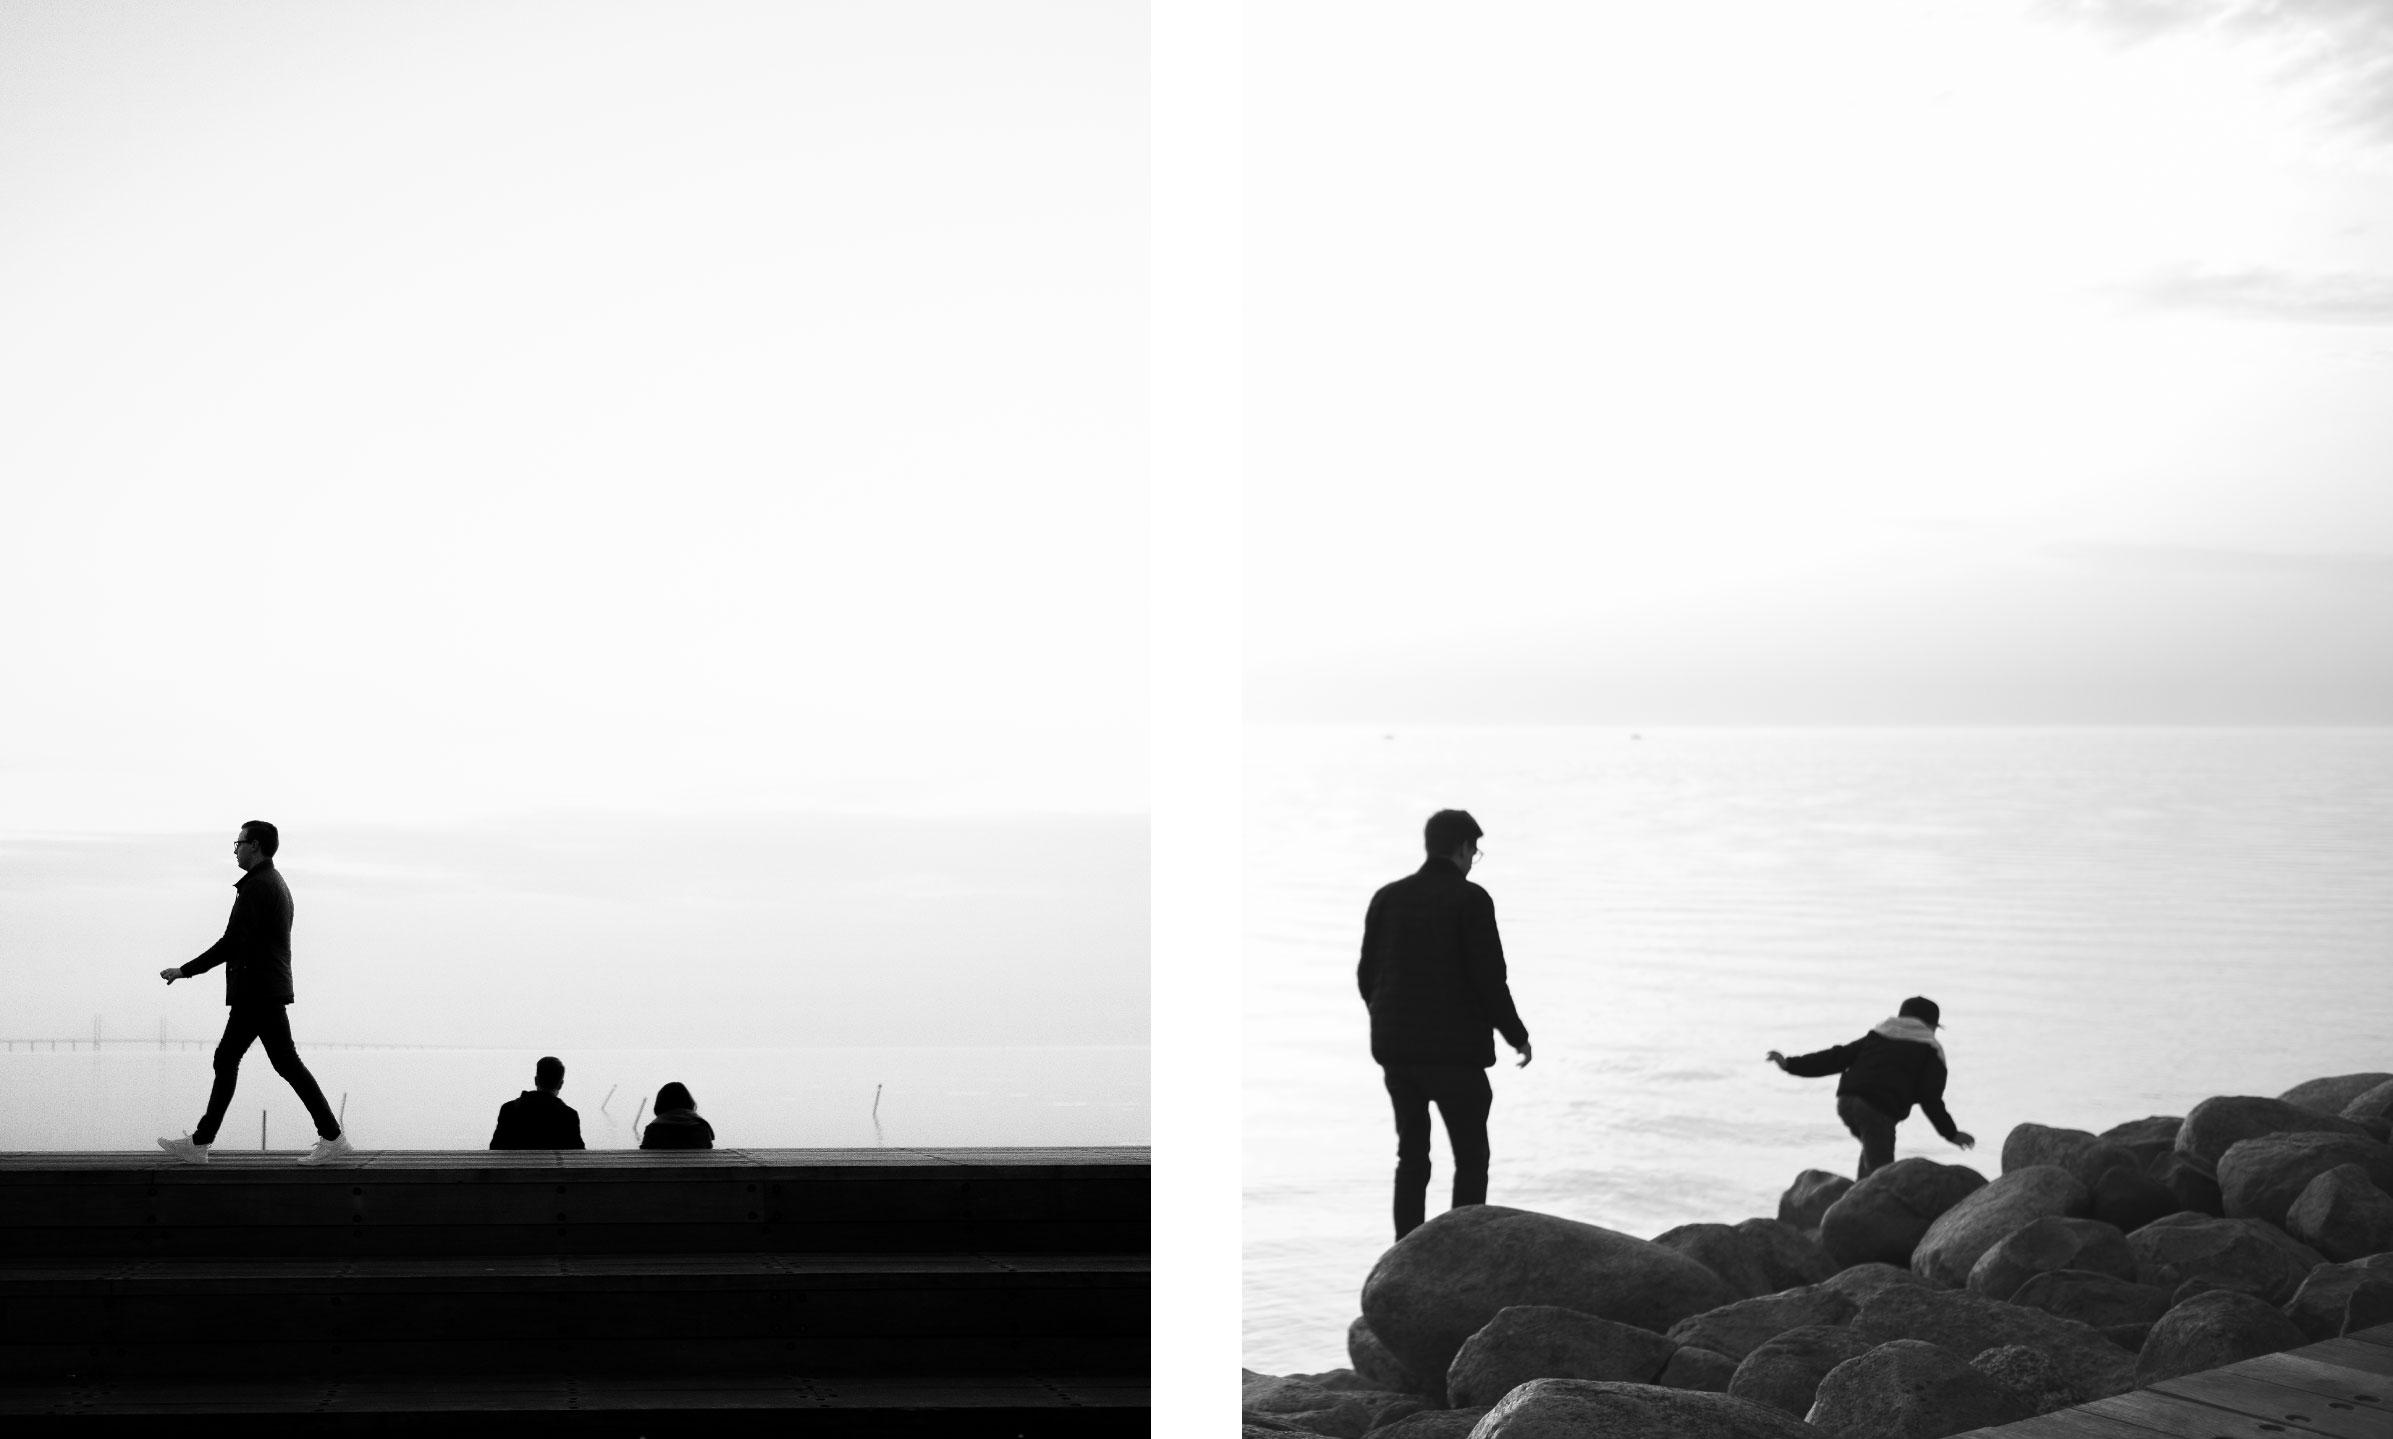 När du redigerar   : Lek med färger och testa ett svart/vitt tema för en mer solid look. Det skapar en lika härlig känsla av vår som färg, bara på ett annat sätt. Om du fotograferar med horisont - se till att räta upp den i ditt redigeringsverktyg.